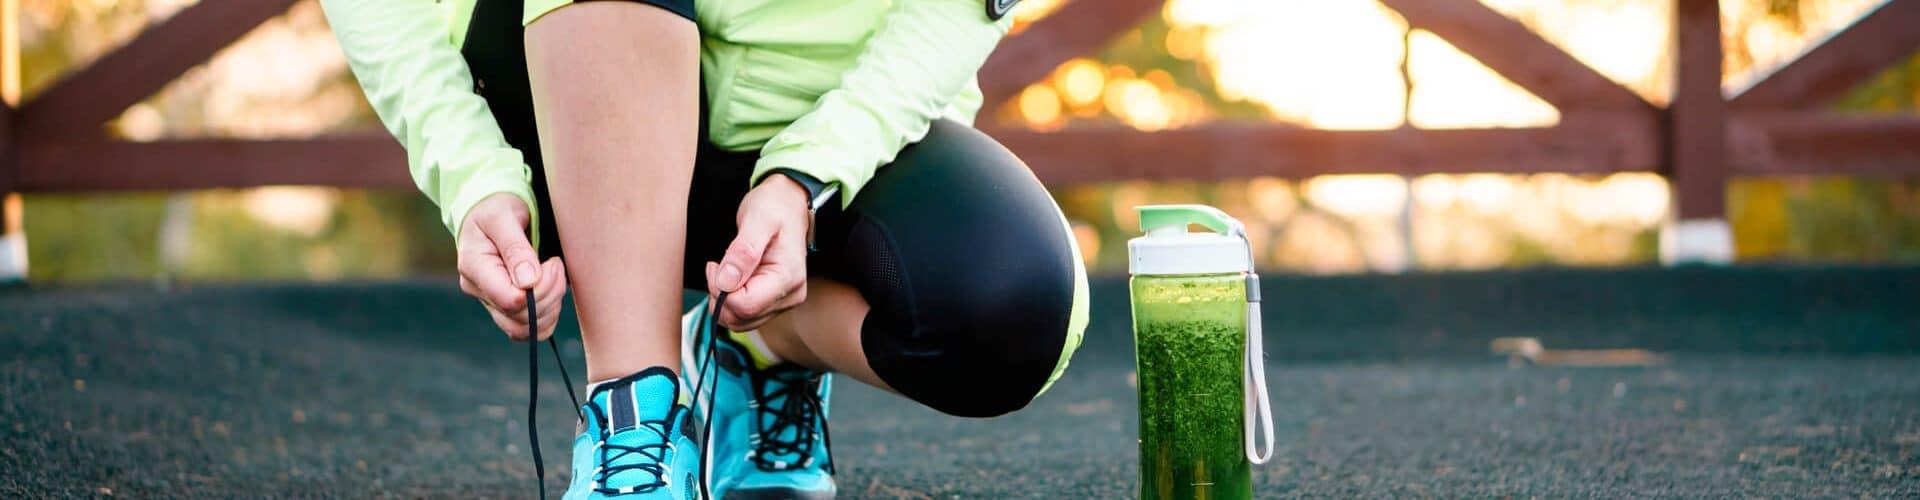 Pré-treino deve ser saudável